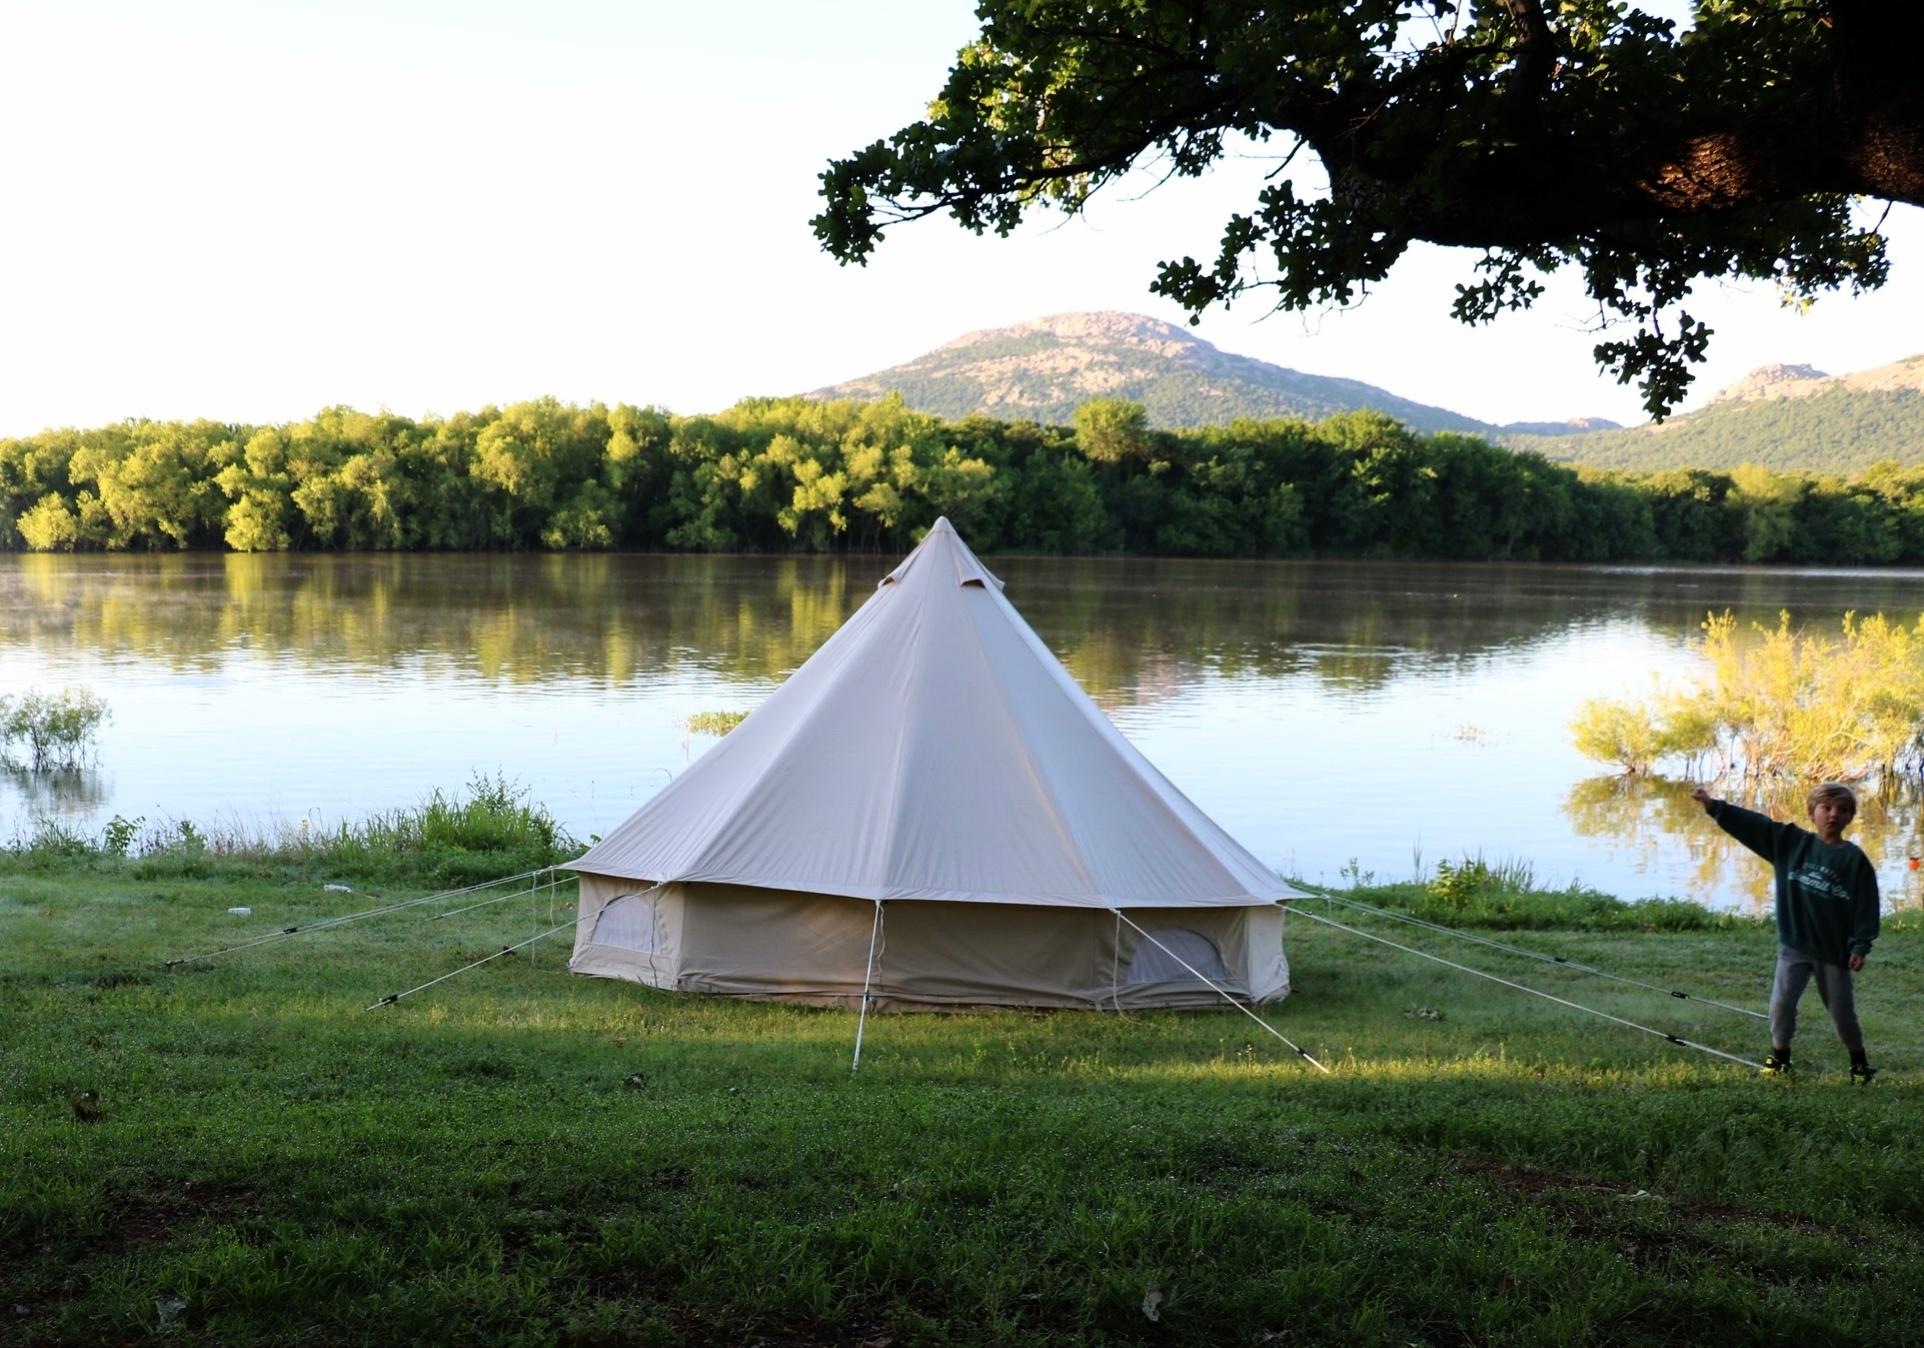 Camping at Robinson's Landing on Lake Lawtonka